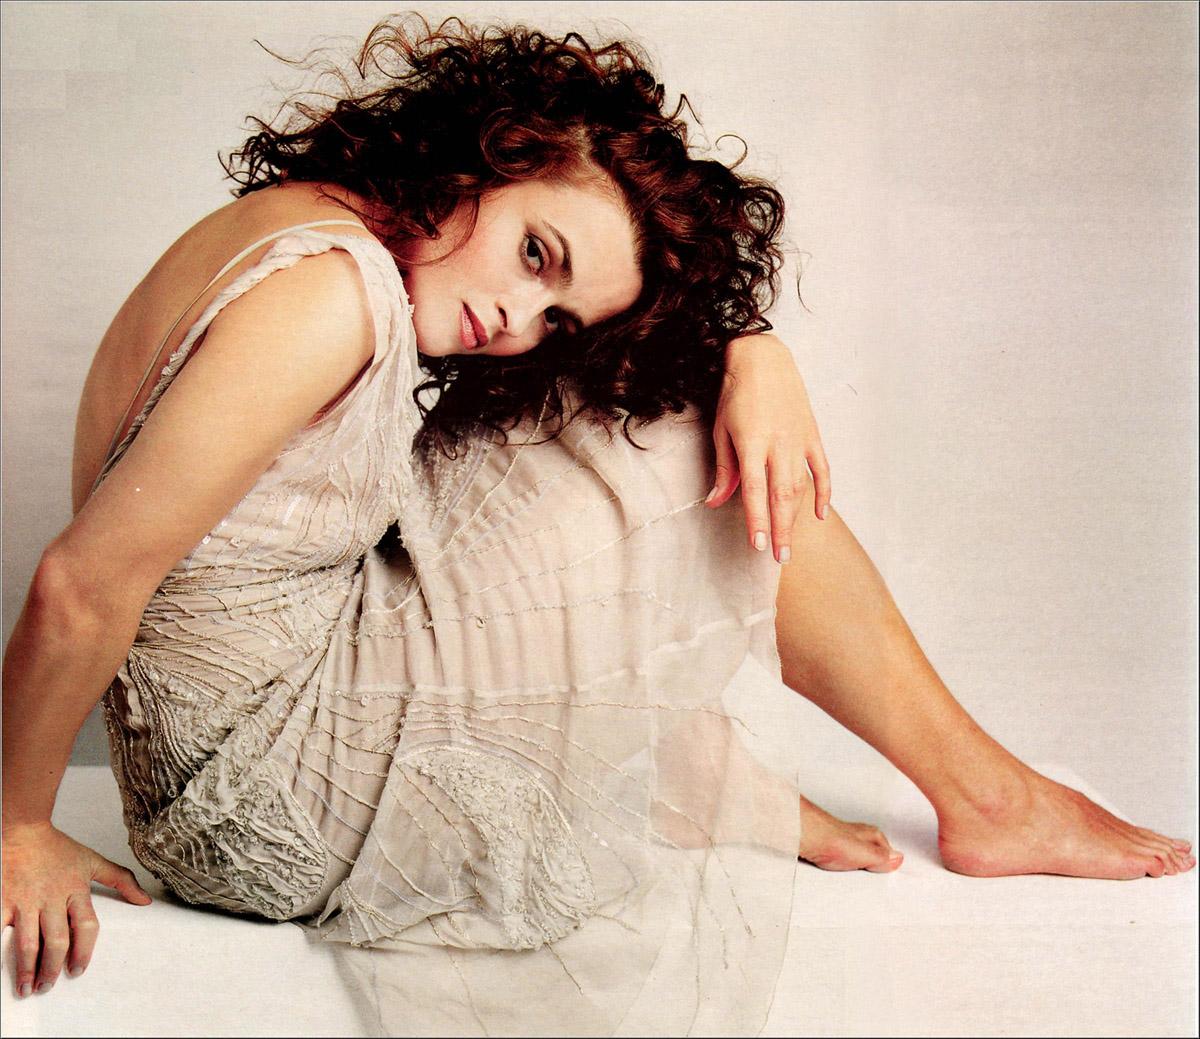 http://1.bp.blogspot.com/-jzLvWy_qCVs/TiLhTJpk1LI/AAAAAAAAZBs/lPAXNKrXWWI/s1600/Helena-Bonham-Carter-Feet-42090.jpg